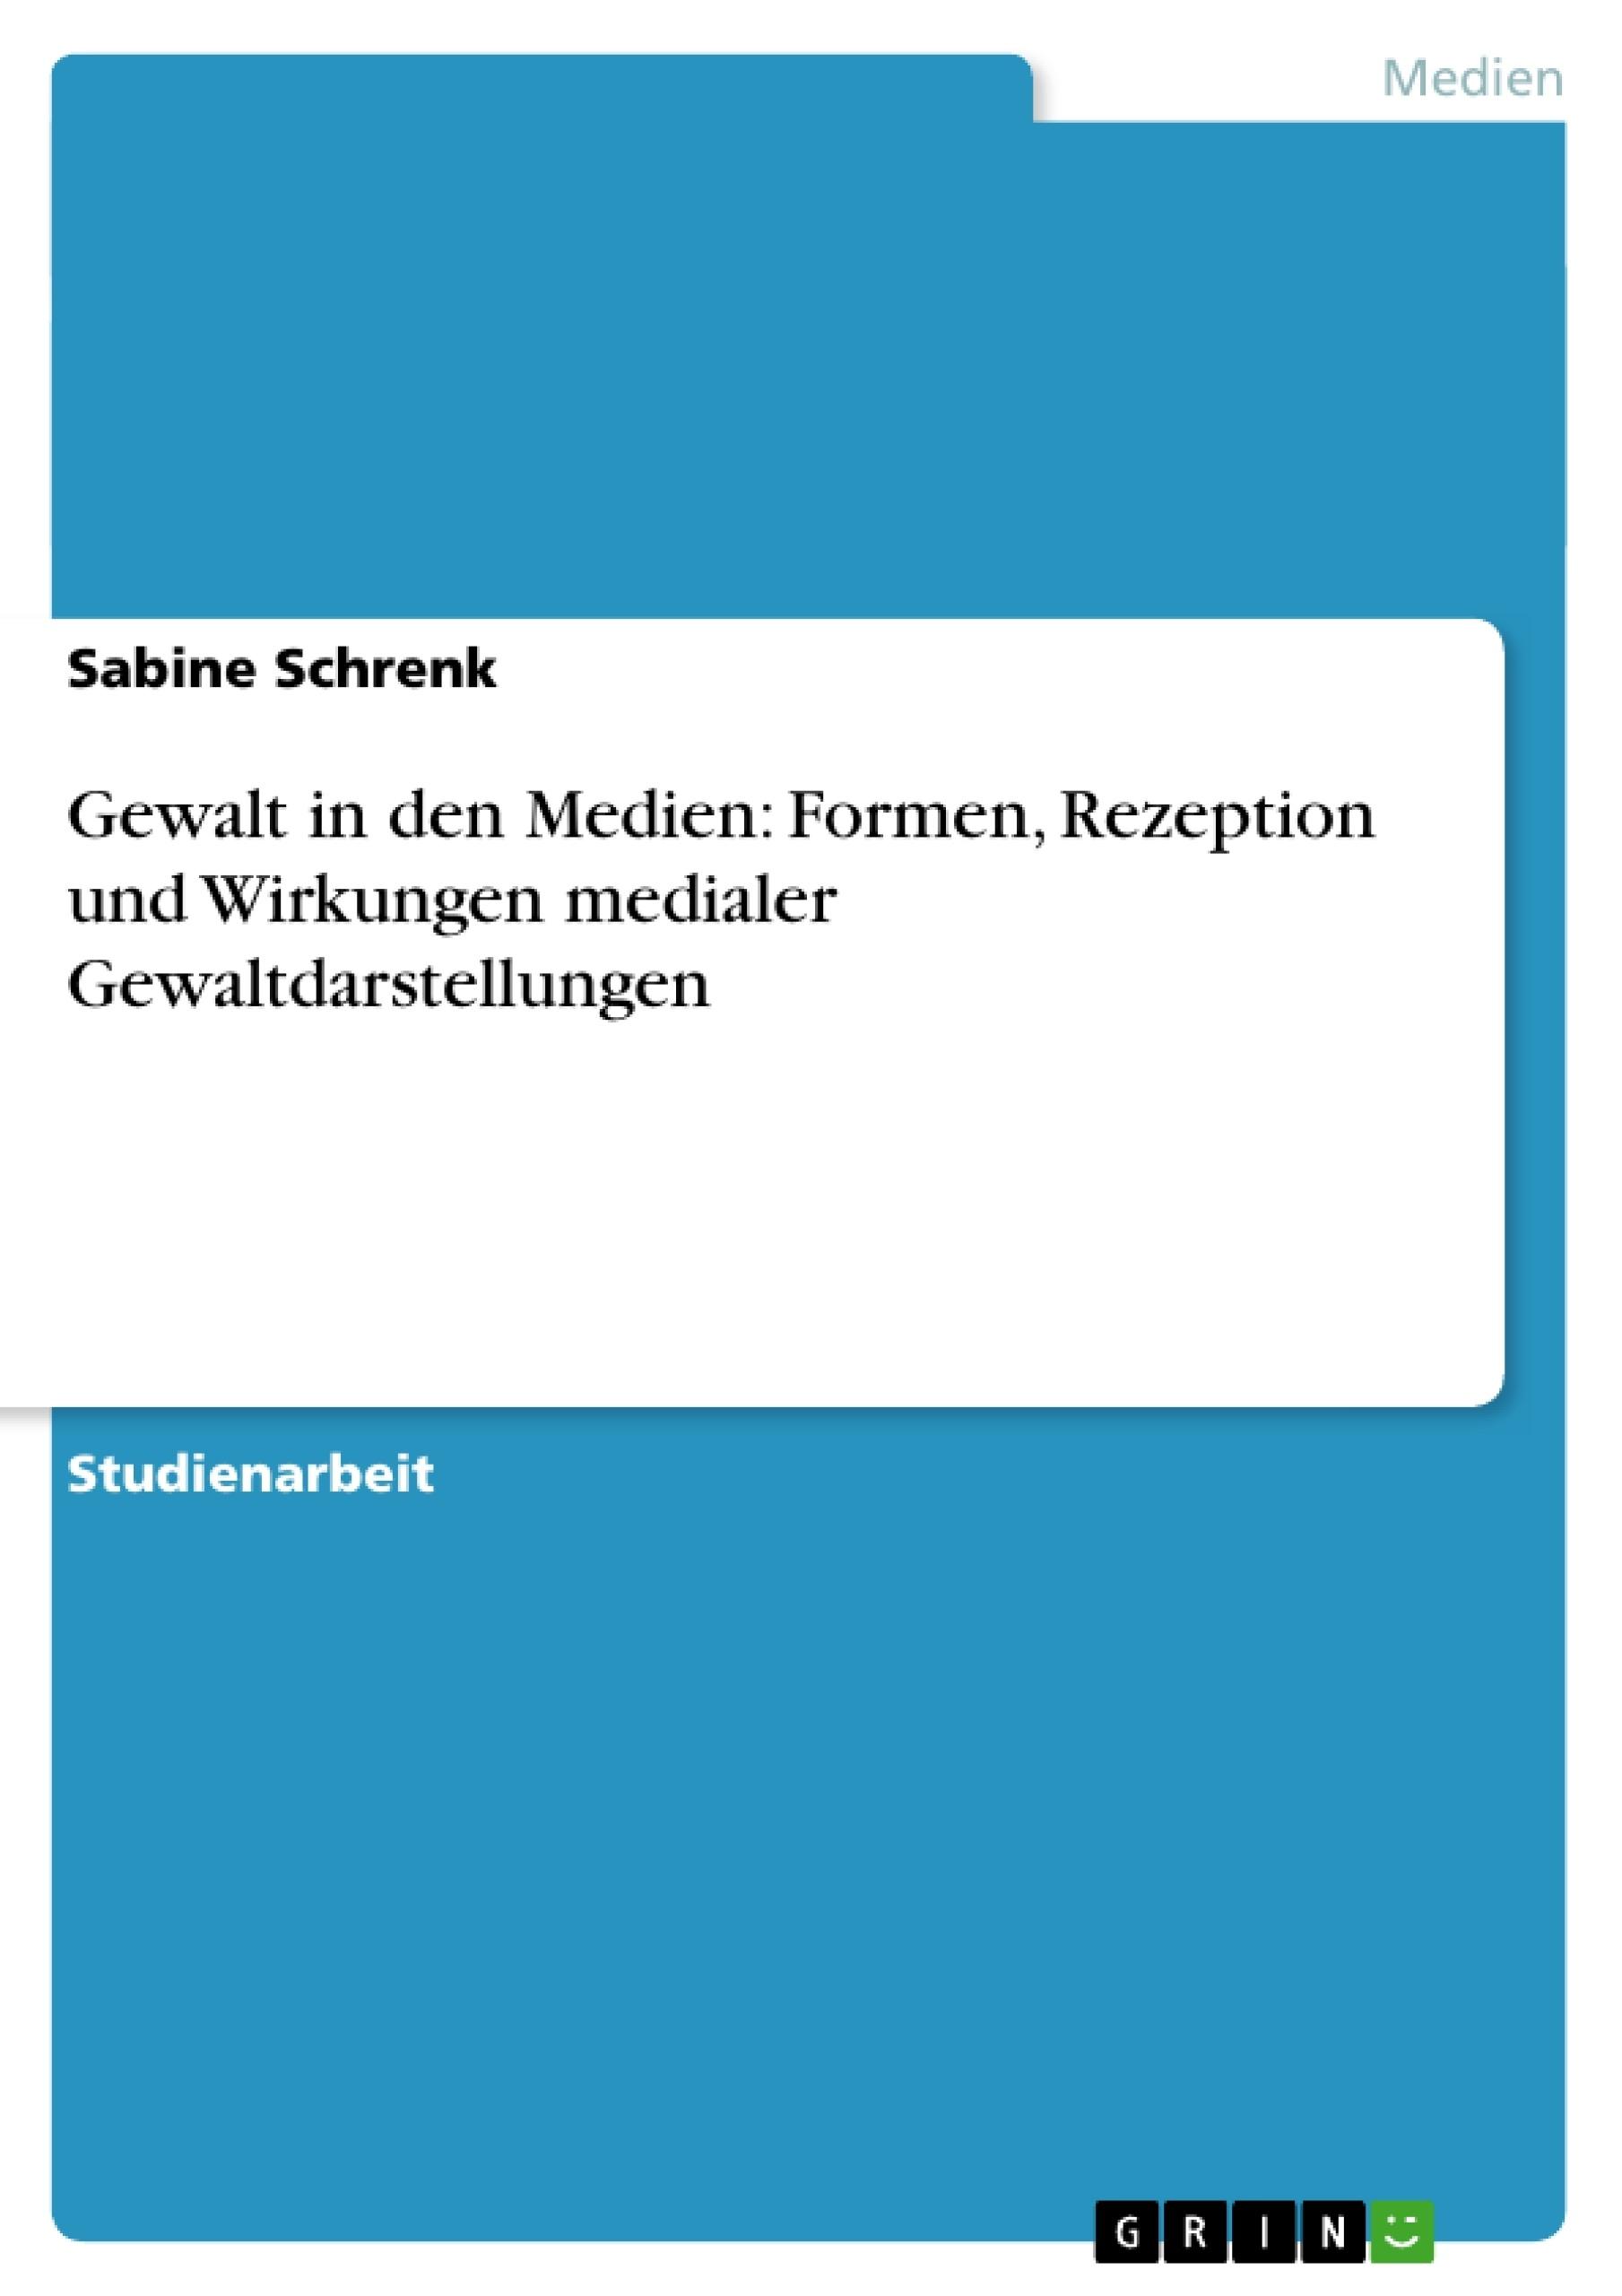 Titel: Gewalt in den Medien: Formen, Rezeption und Wirkungen medialer Gewaltdarstellungen